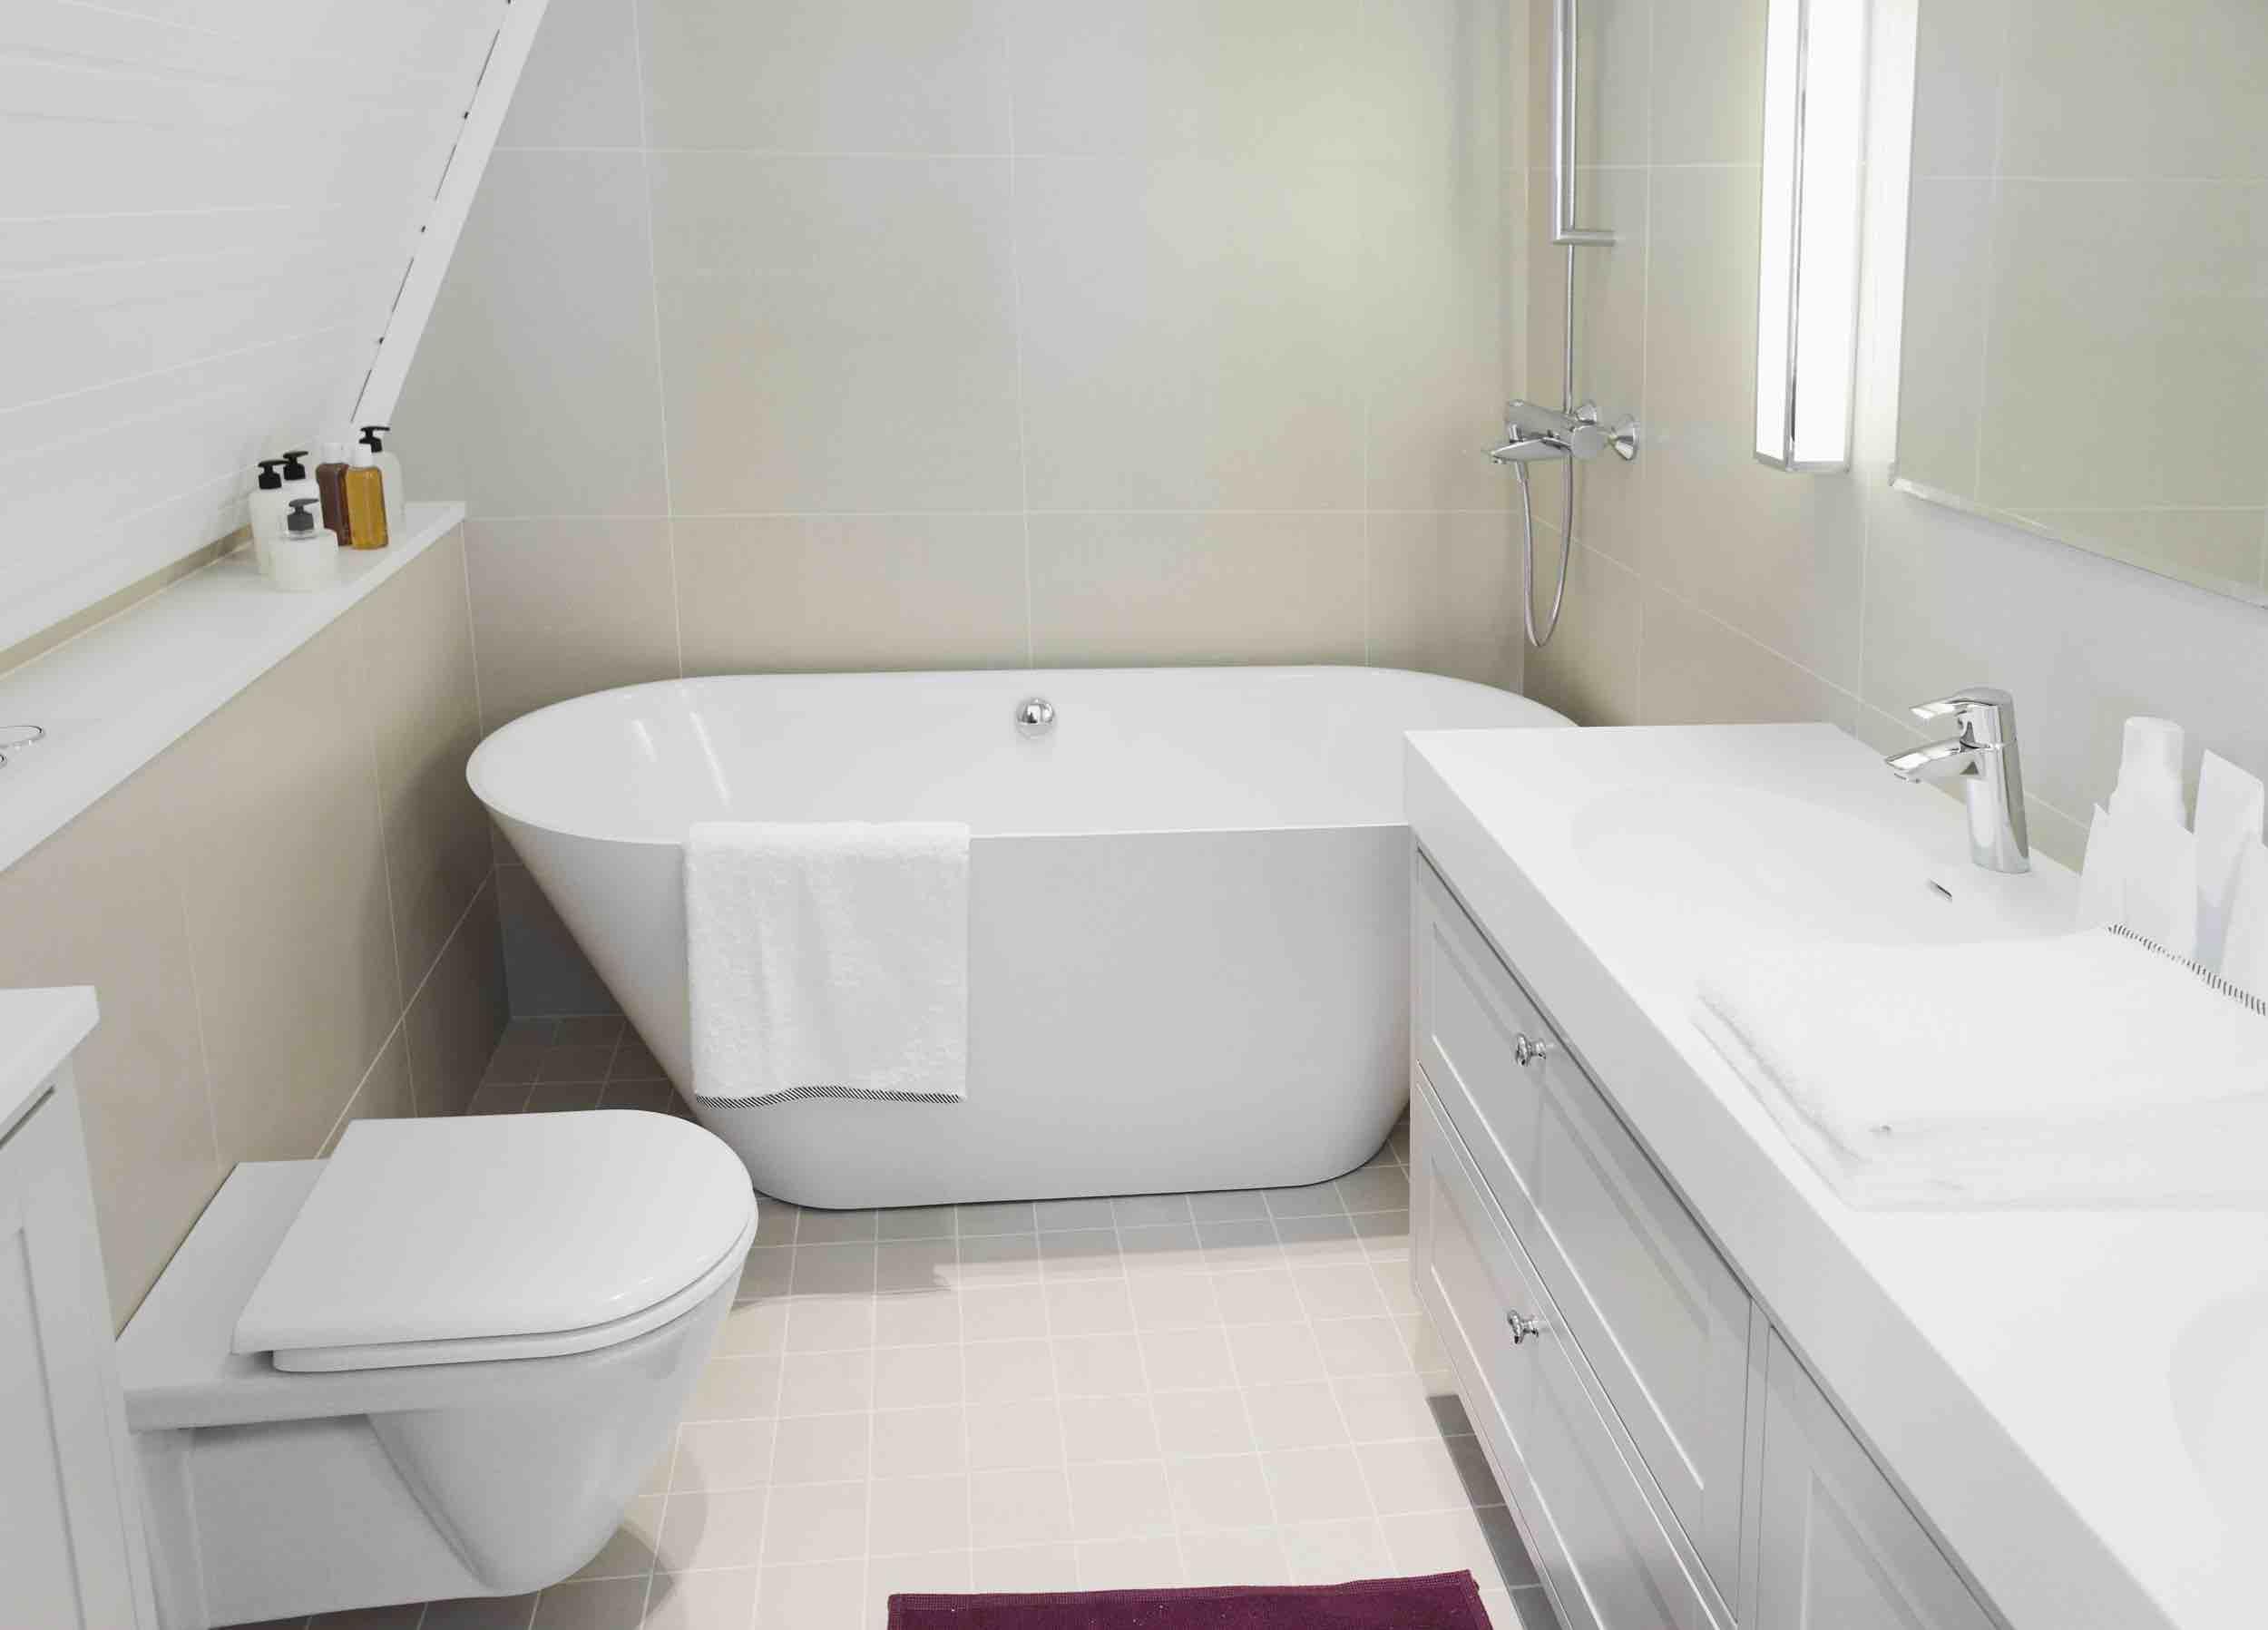 Tekening Badkamer Maken : Slimme badkamer indelingen ideeën en oplossingen